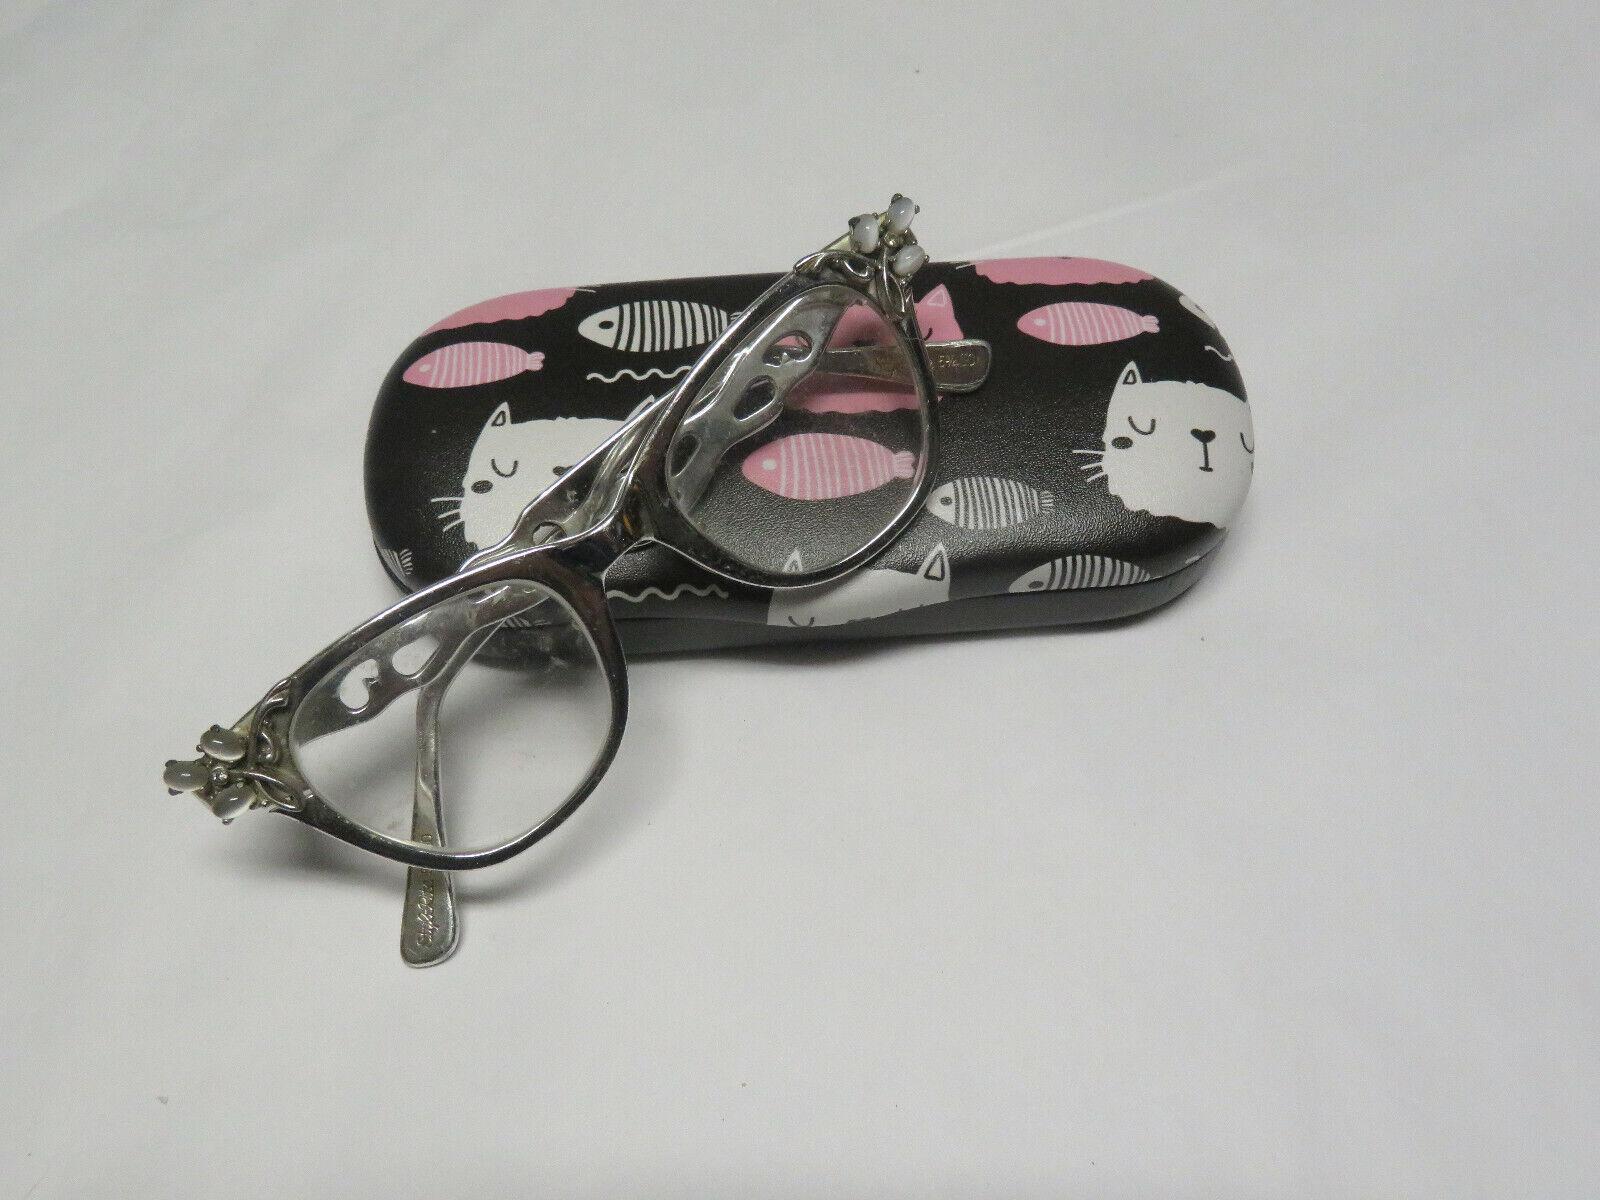 Gotta Love Your Cat s Stylish Trending Cat, Feline Eyeglass Cases BIK - $8.95